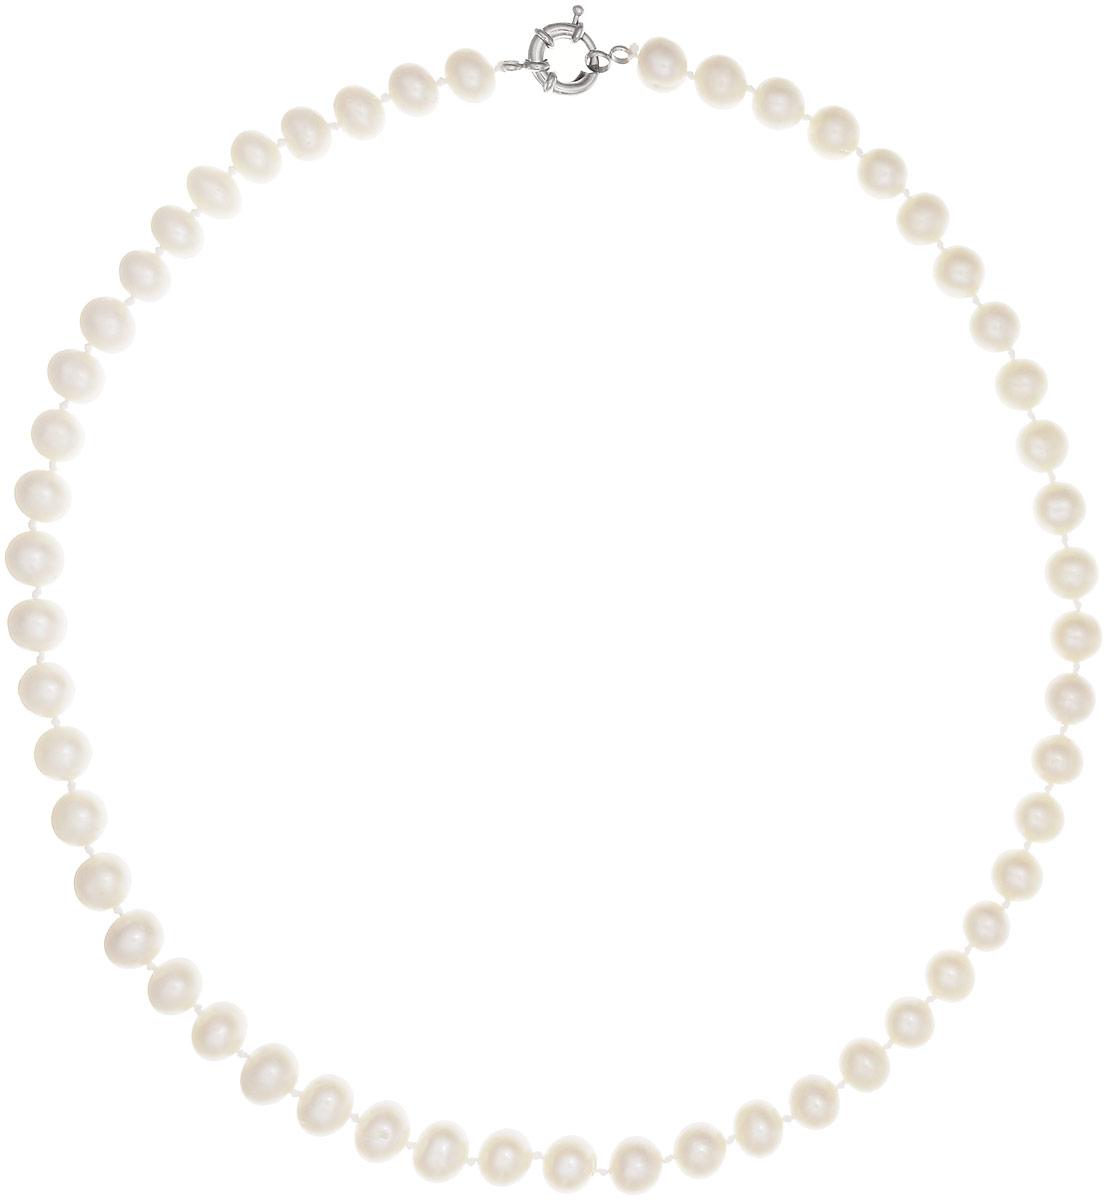 Бусы Art-Silver, цвет: белый, длина 60 см. КЖб10-11А60-1046КЖб10-11А60-1046Бусы Art-Silver выполнены из бижутерного сплава и культивированного жемчуга. Изделие оснащено удобной шпренгельной застежкой.